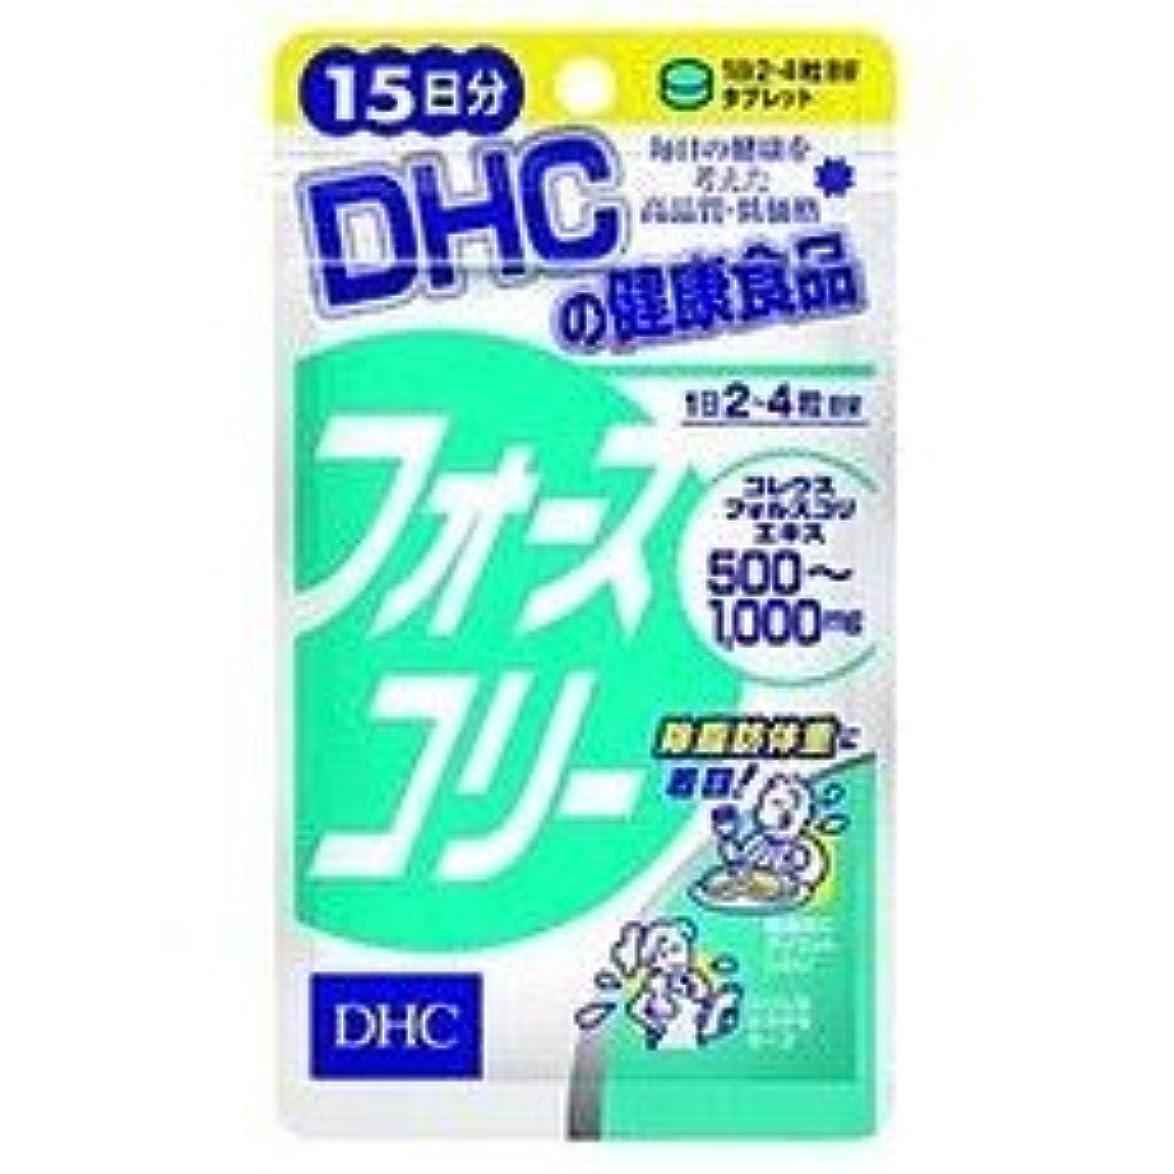 舗装する少なくとも資格情報DHC フォースコリー 15日分 60粒